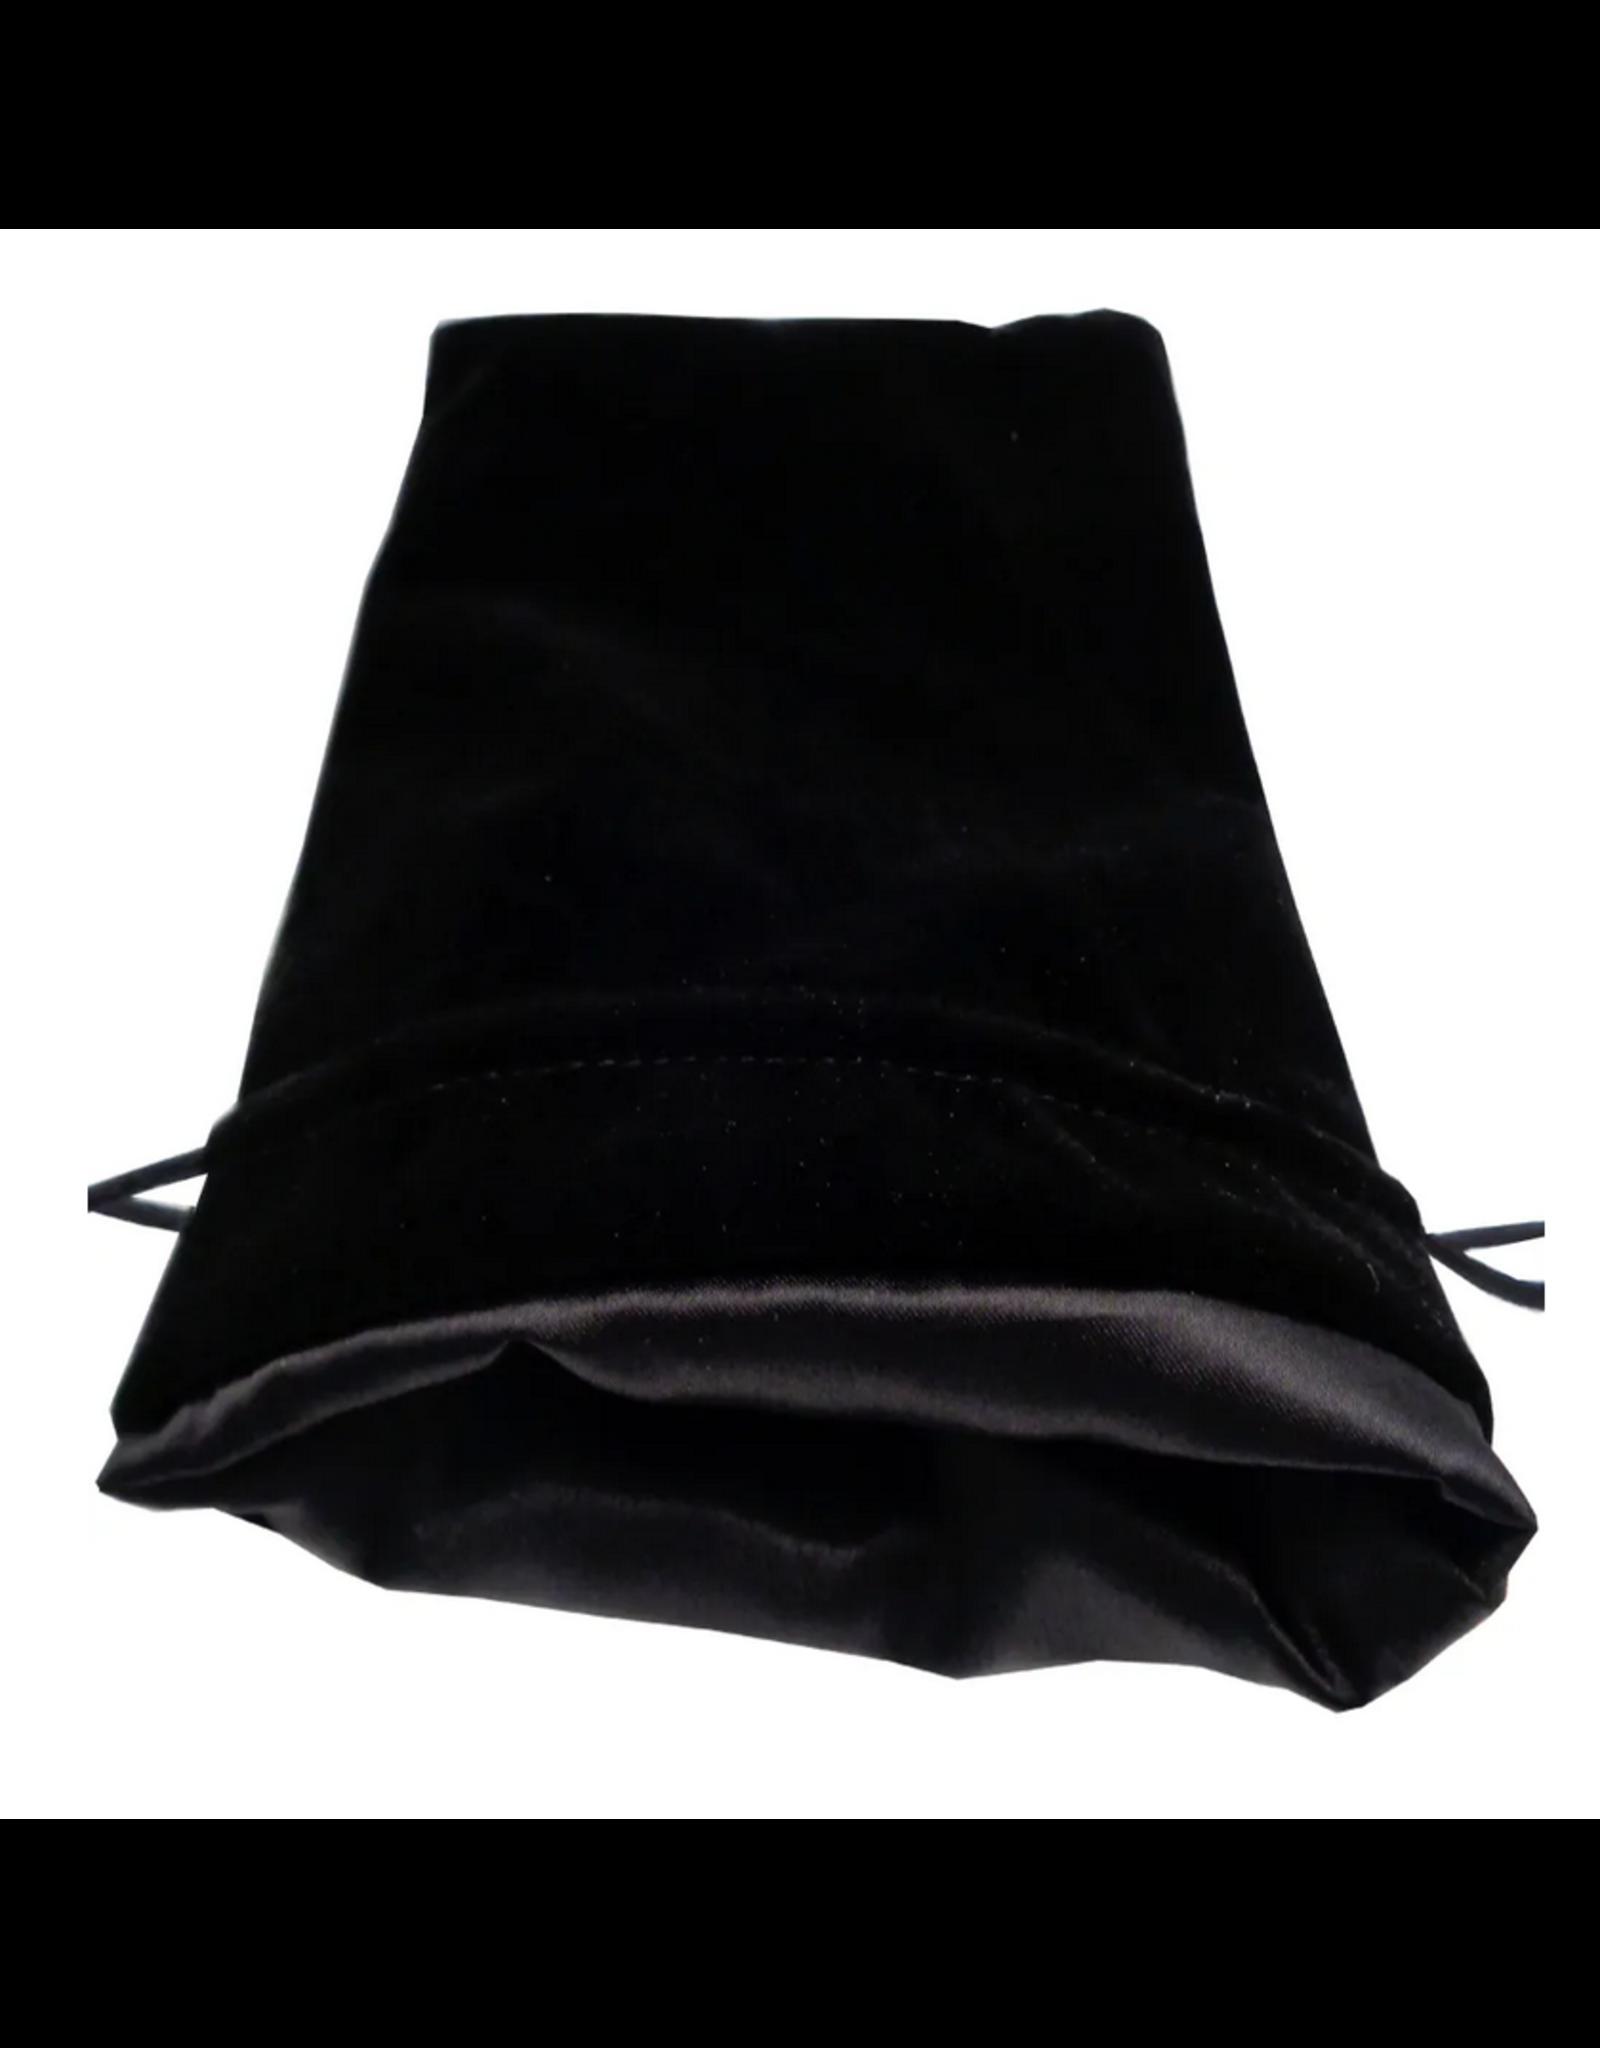 6in x 8in Large Black Velvet Dice bag